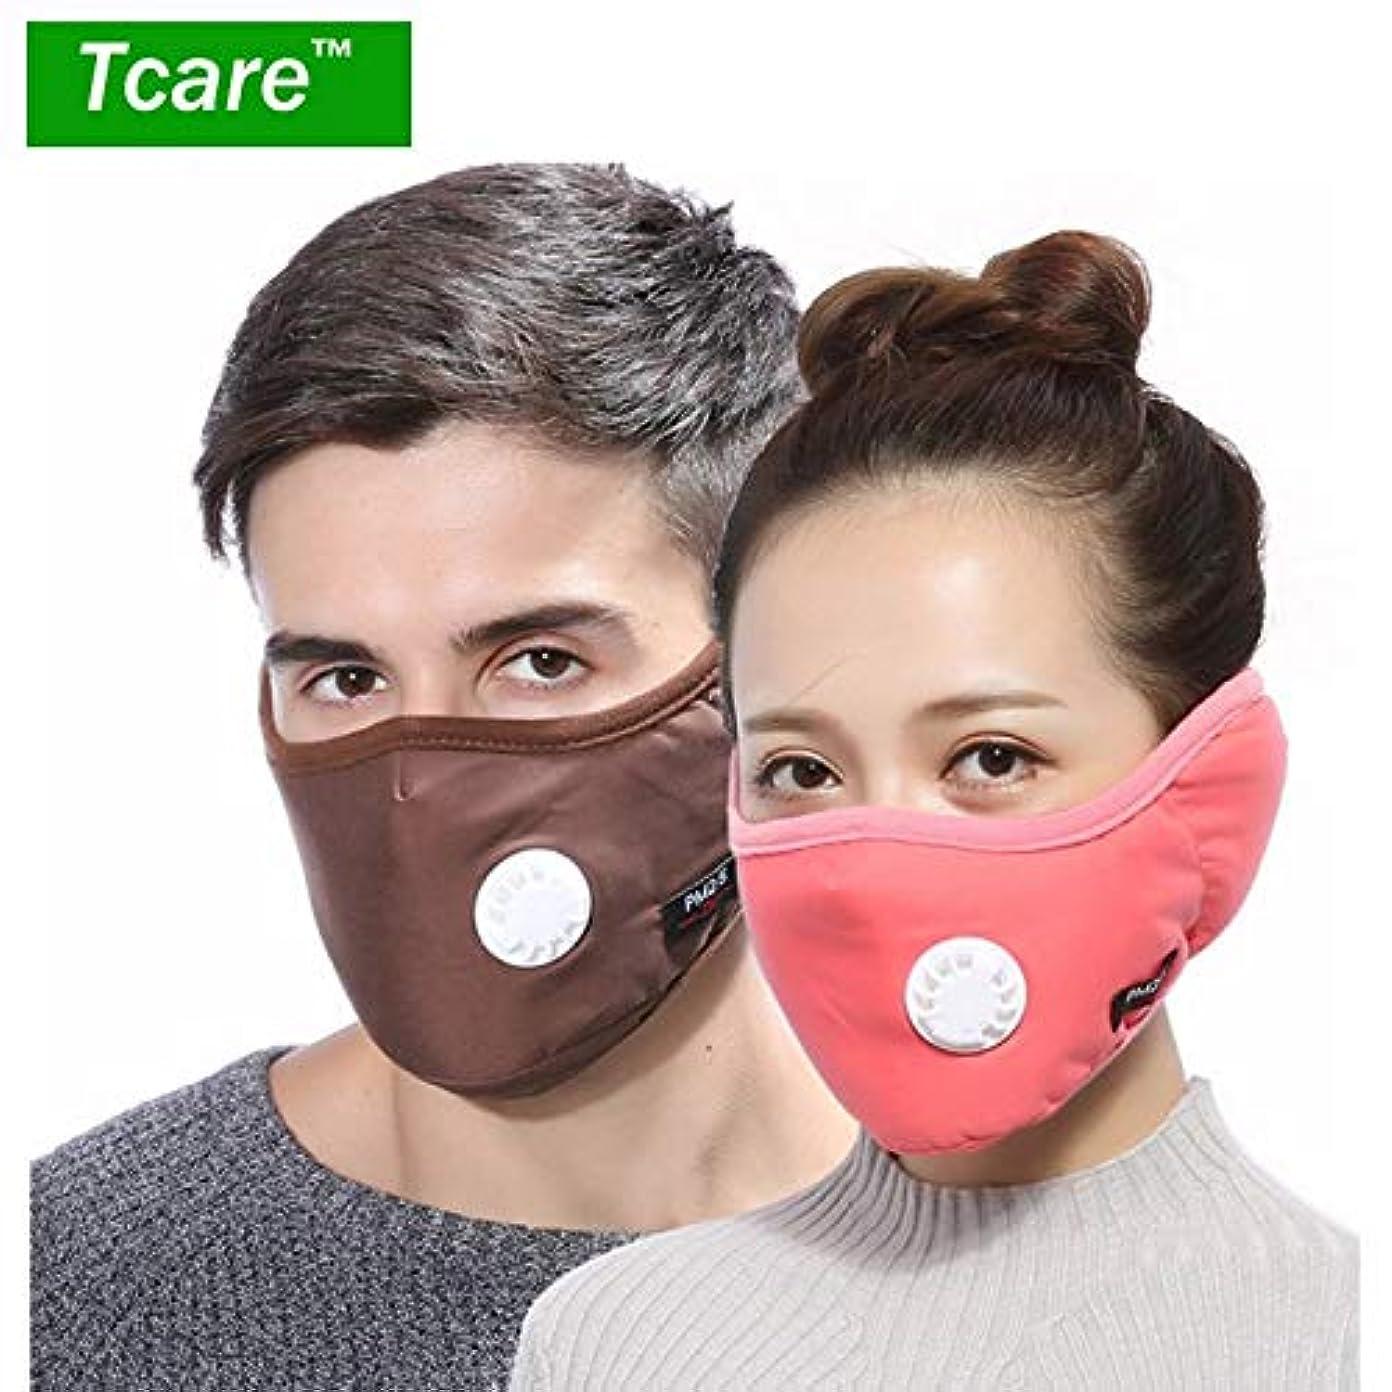 私たちのものラビリンス反論者6 Waternレッド:1 PM2.5マスクバルブコットンアンチダスト口マスクの冬のイヤーマフActtedフィルター付マスクでTcare 2